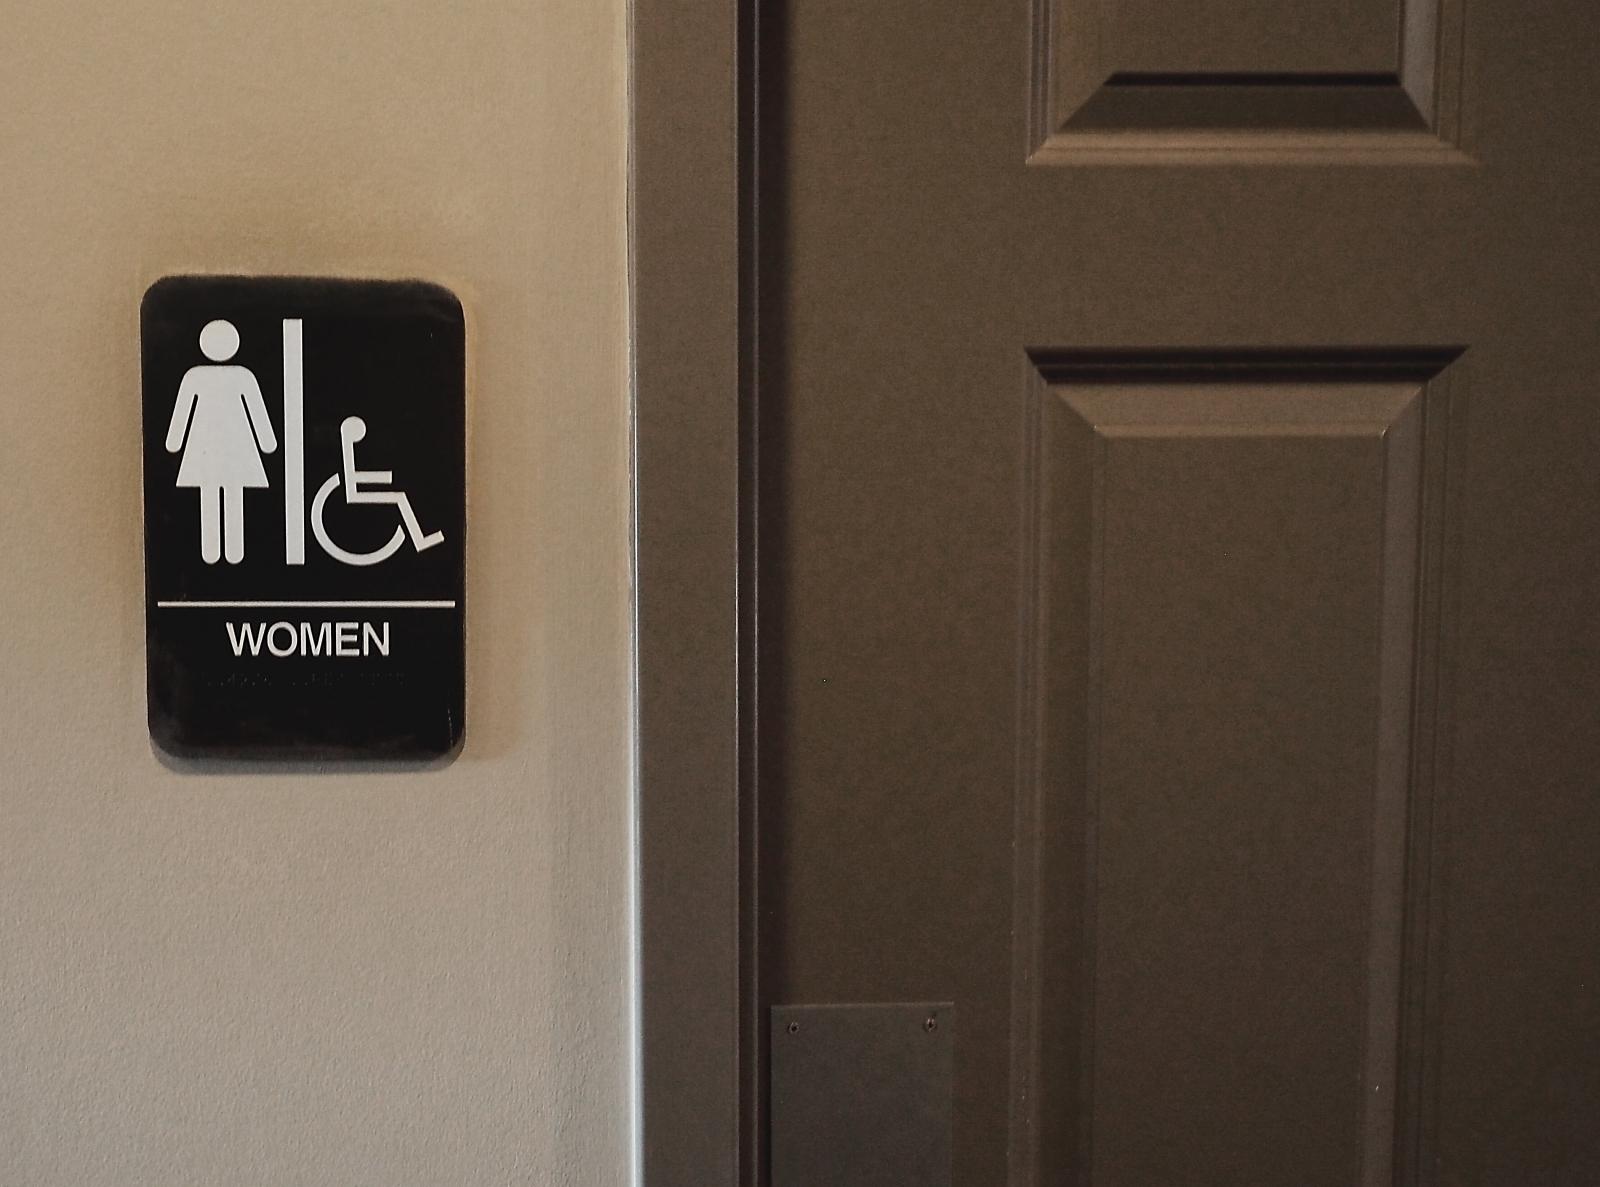 Women's toilets